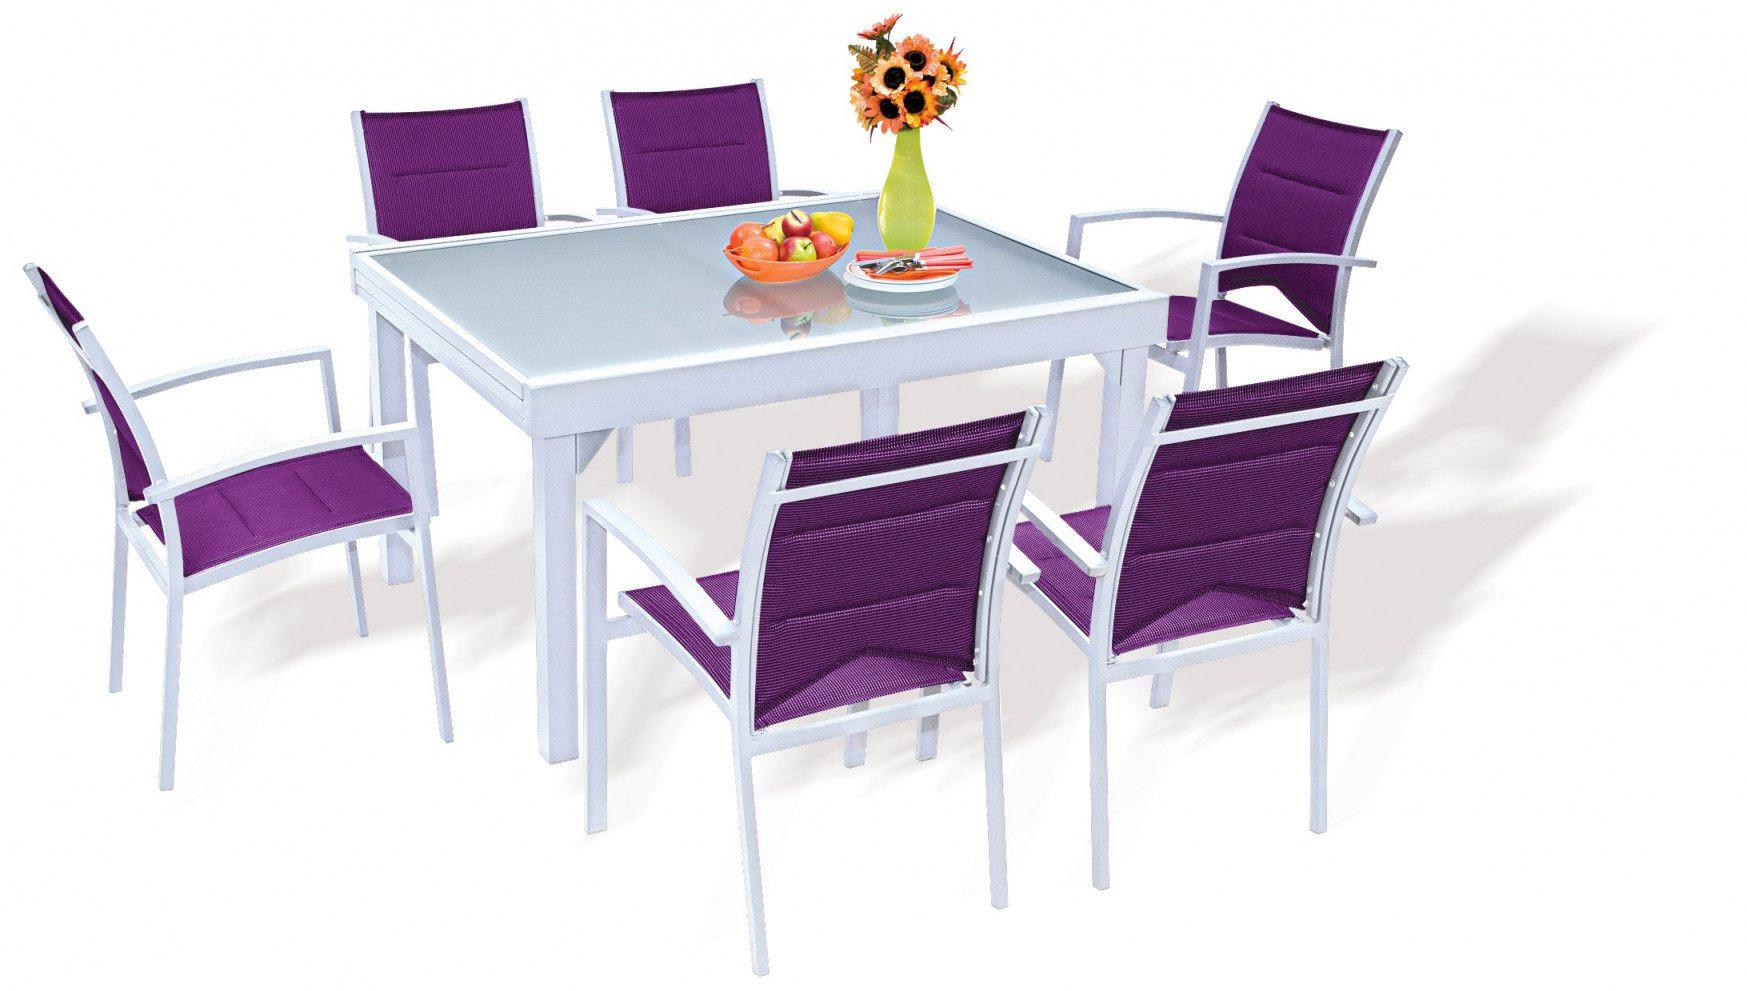 Lit Parapluie Bebe Confort Inspirant Table € Langer € Poser Sur Baignoire Bebe Confort Moderne Carrefour